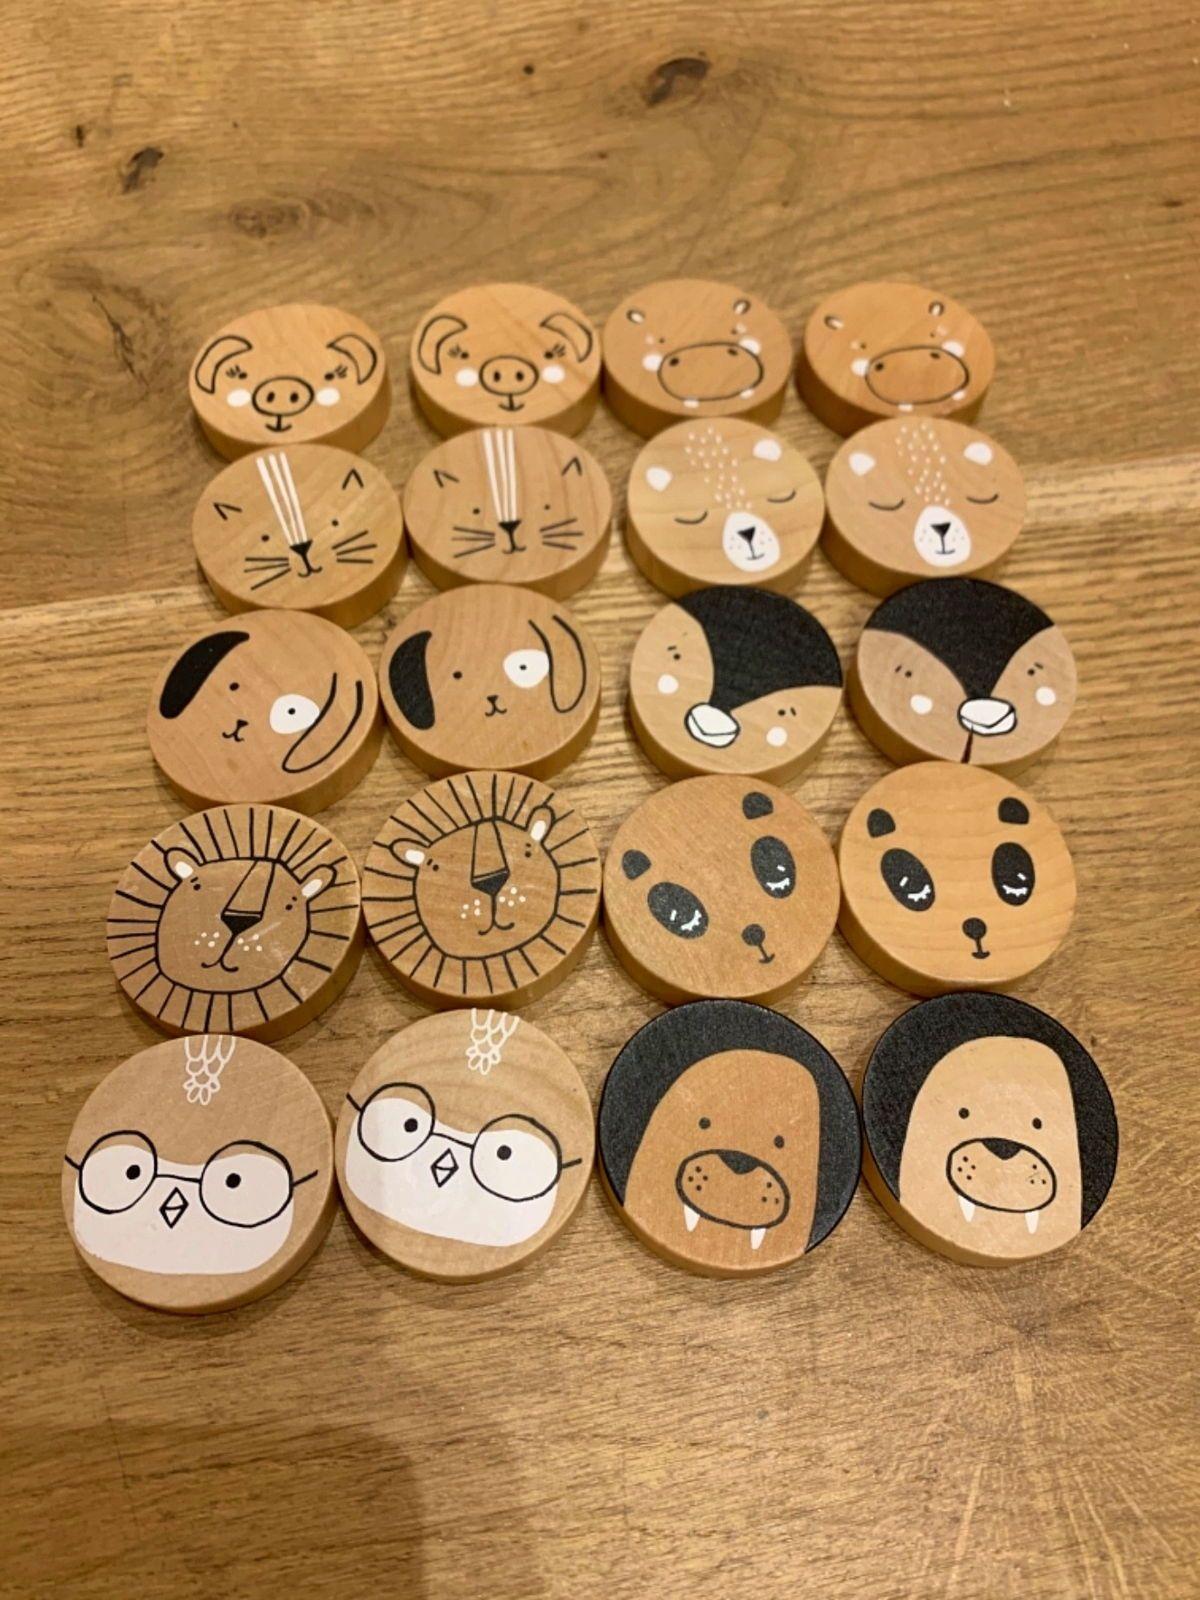 Vends jeu memory (pièces en bois)